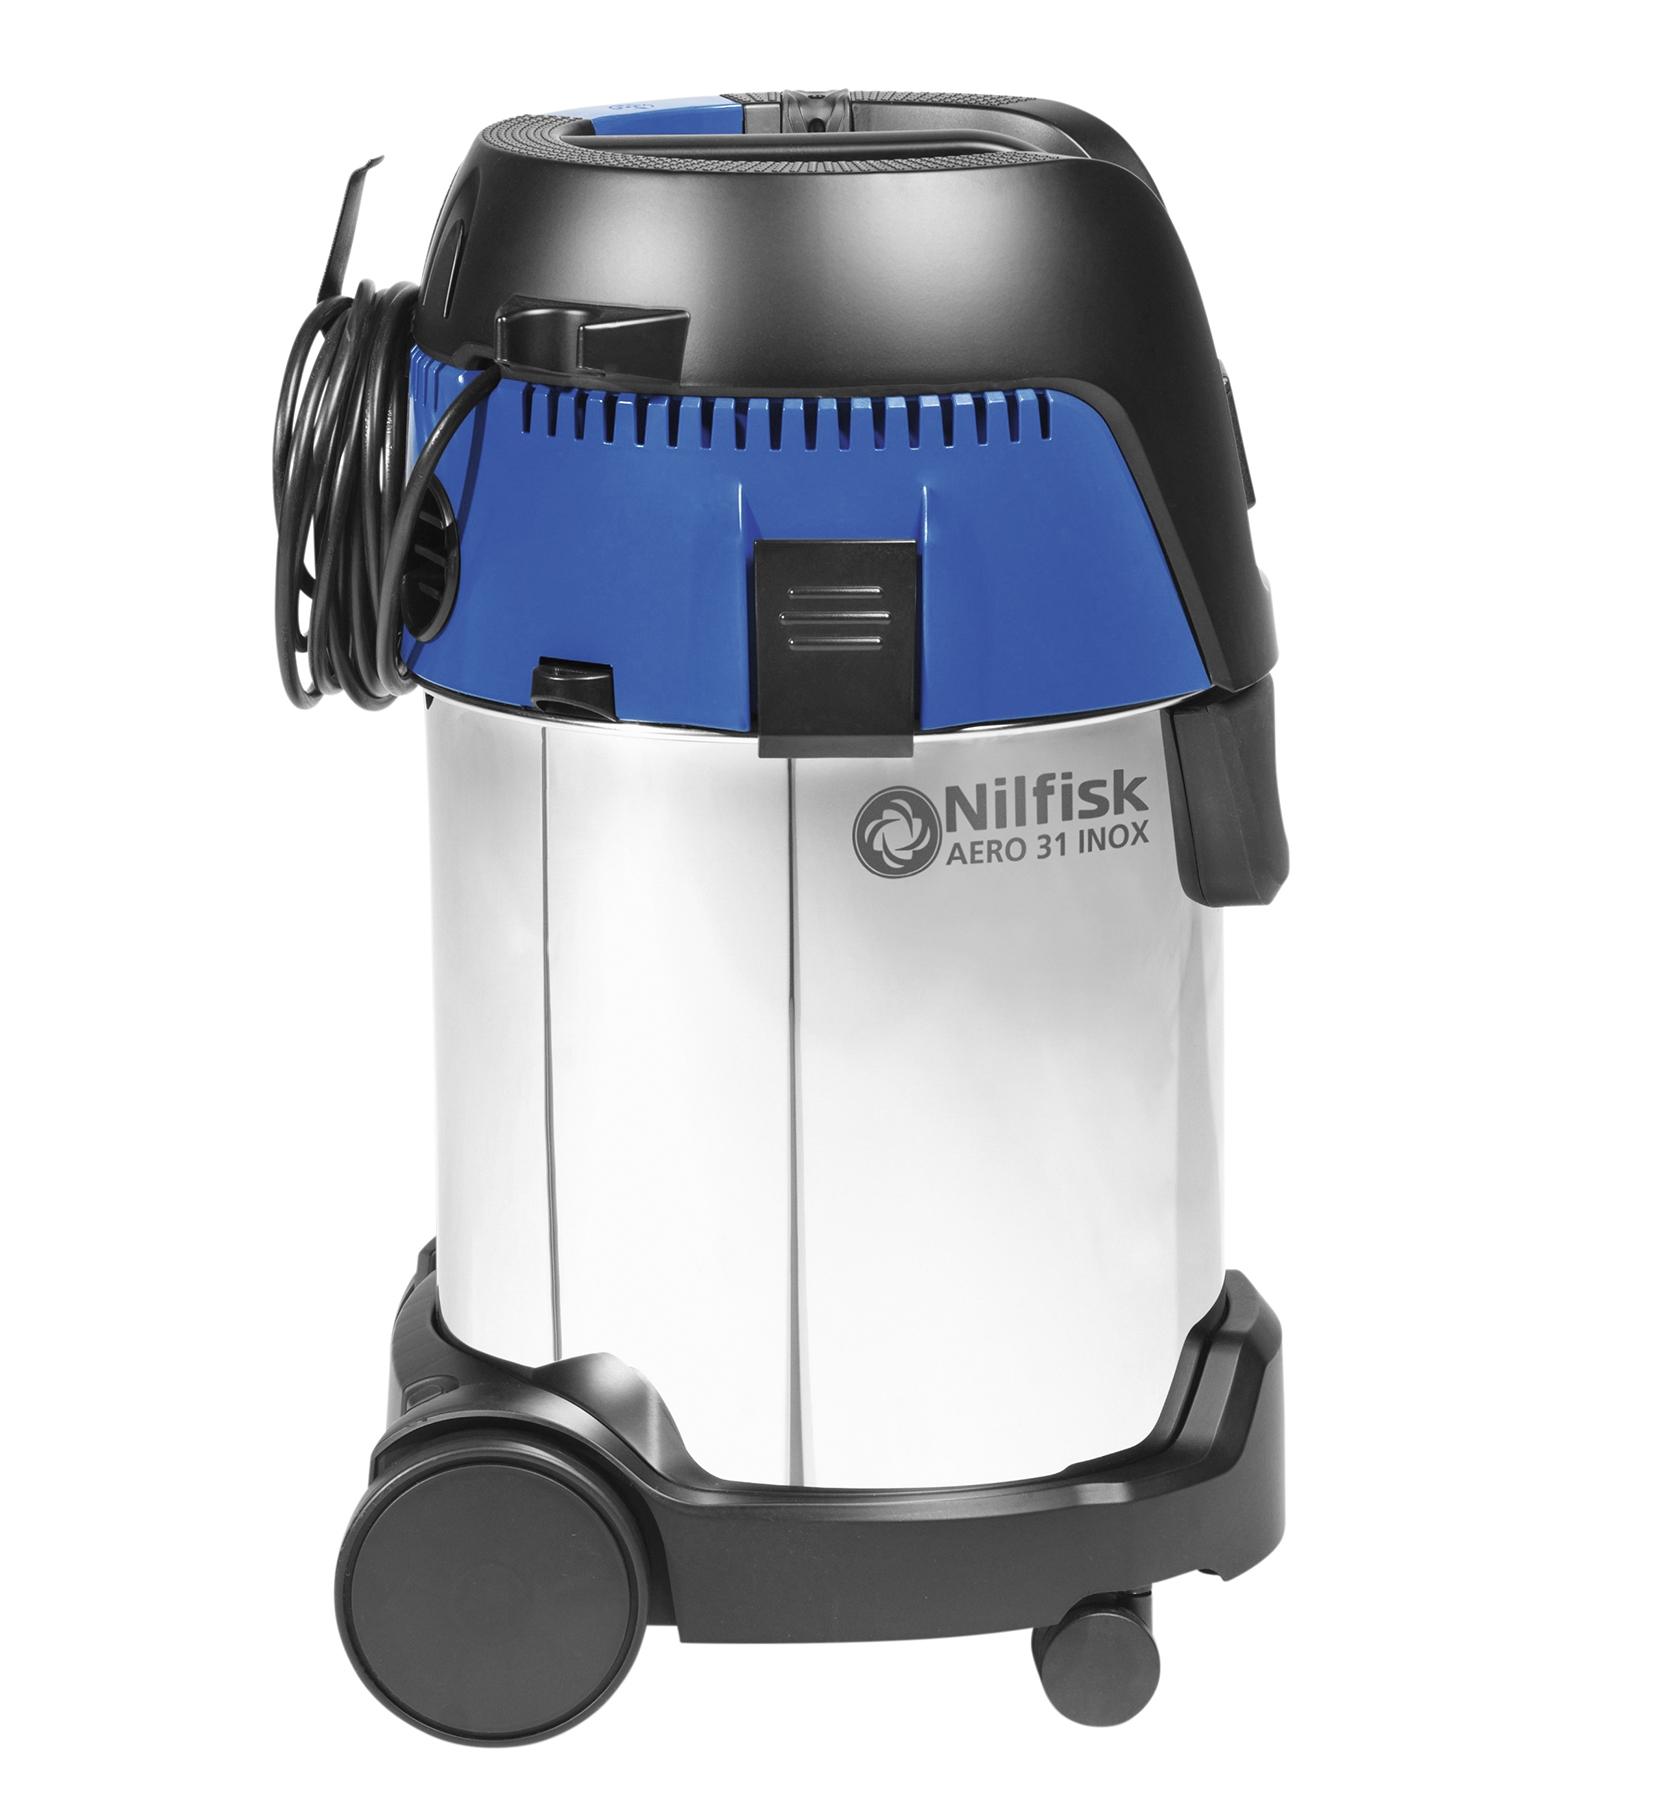 aspirateur eau et poussi res nilfisk alto aero 31 21 pc inox. Black Bedroom Furniture Sets. Home Design Ideas